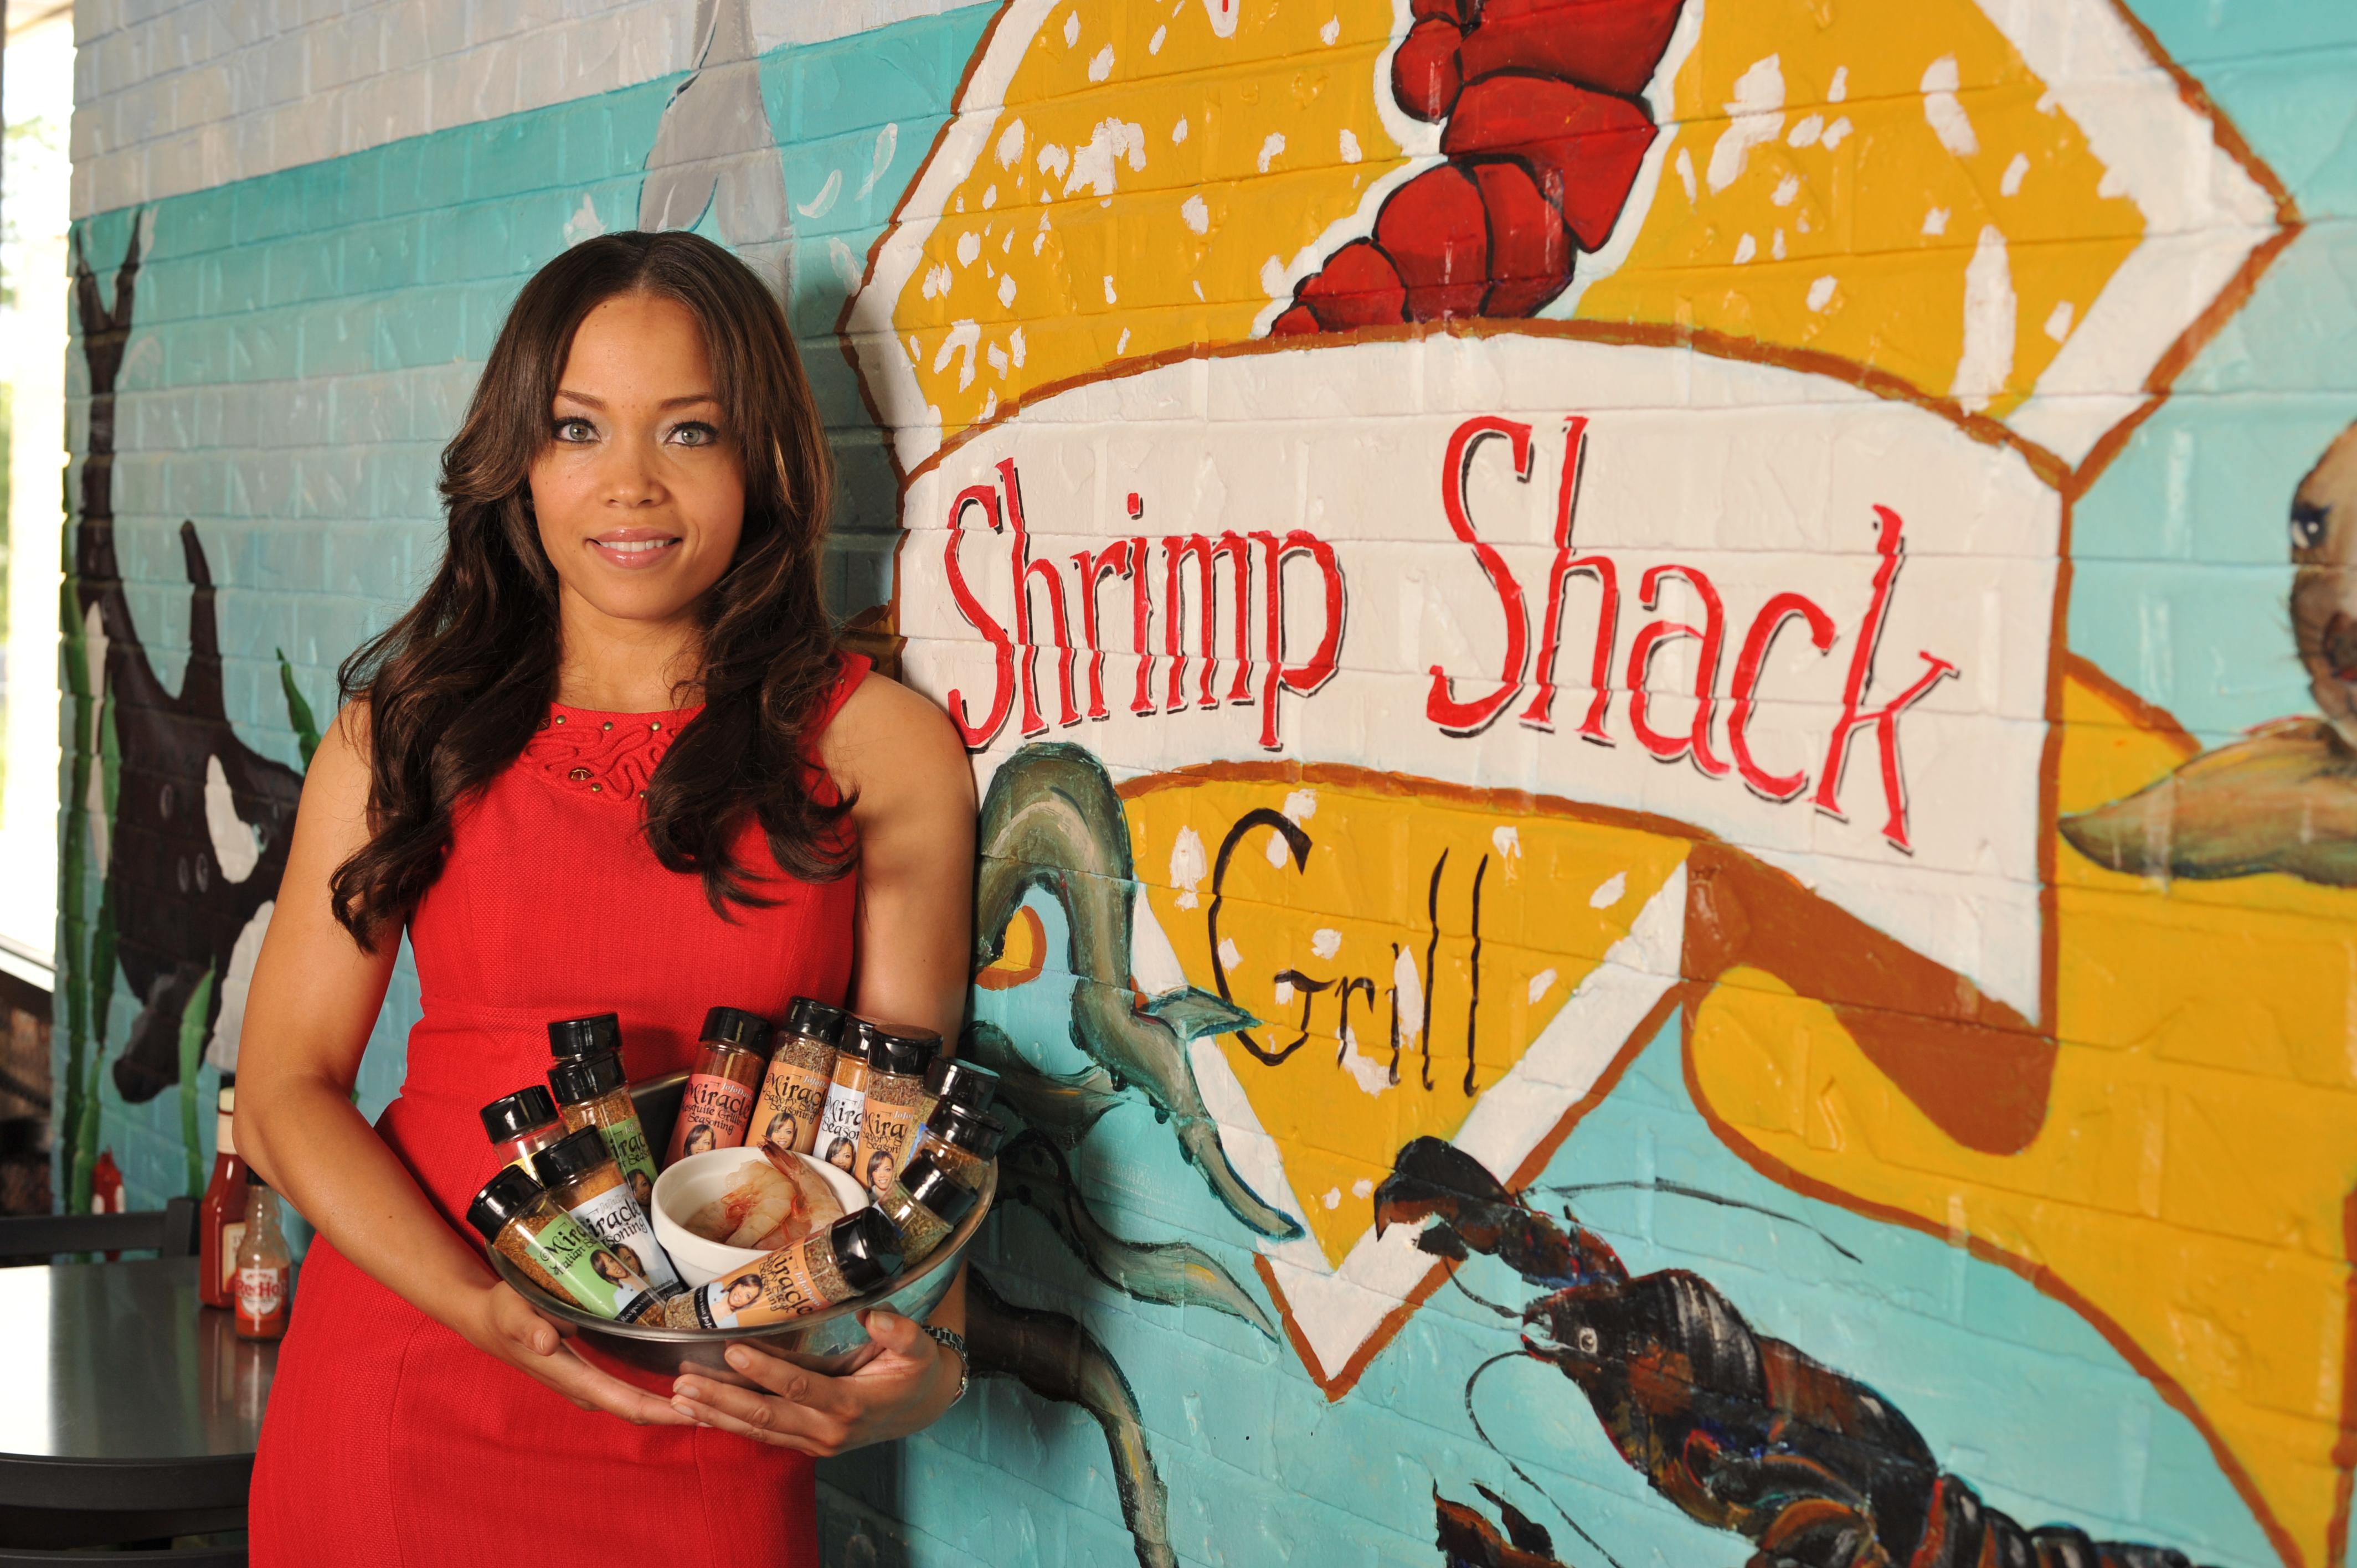 Shrimp_Shack